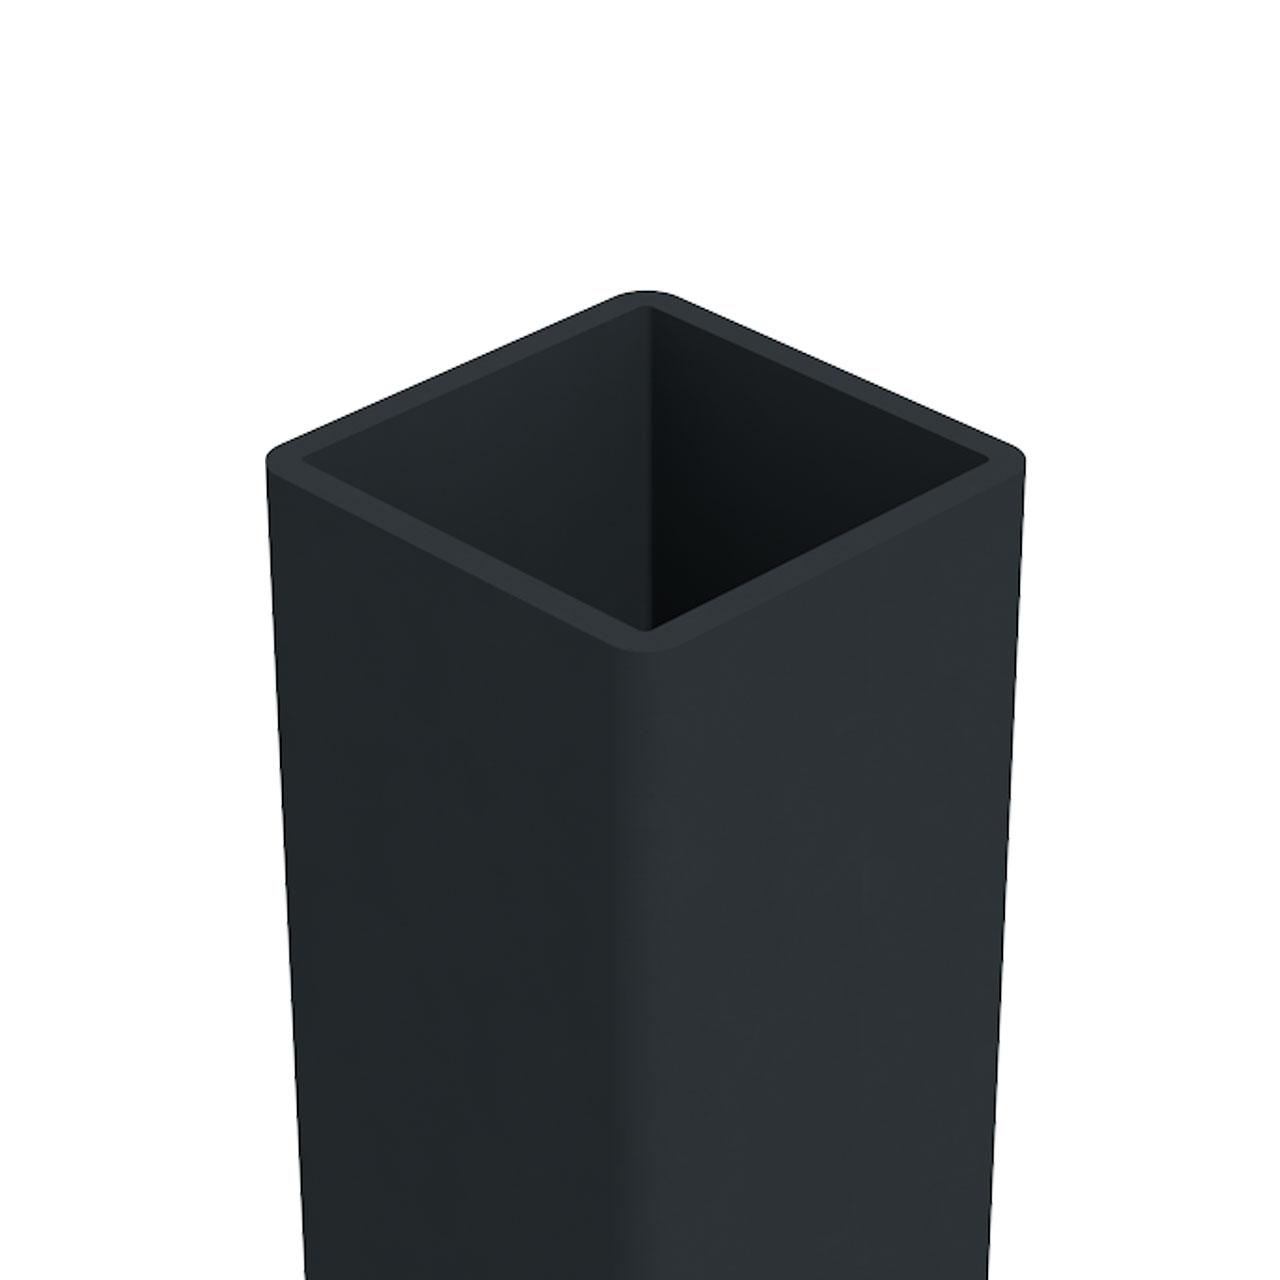 alu pfosten viento fz solid anthrazit. Black Bedroom Furniture Sets. Home Design Ideas